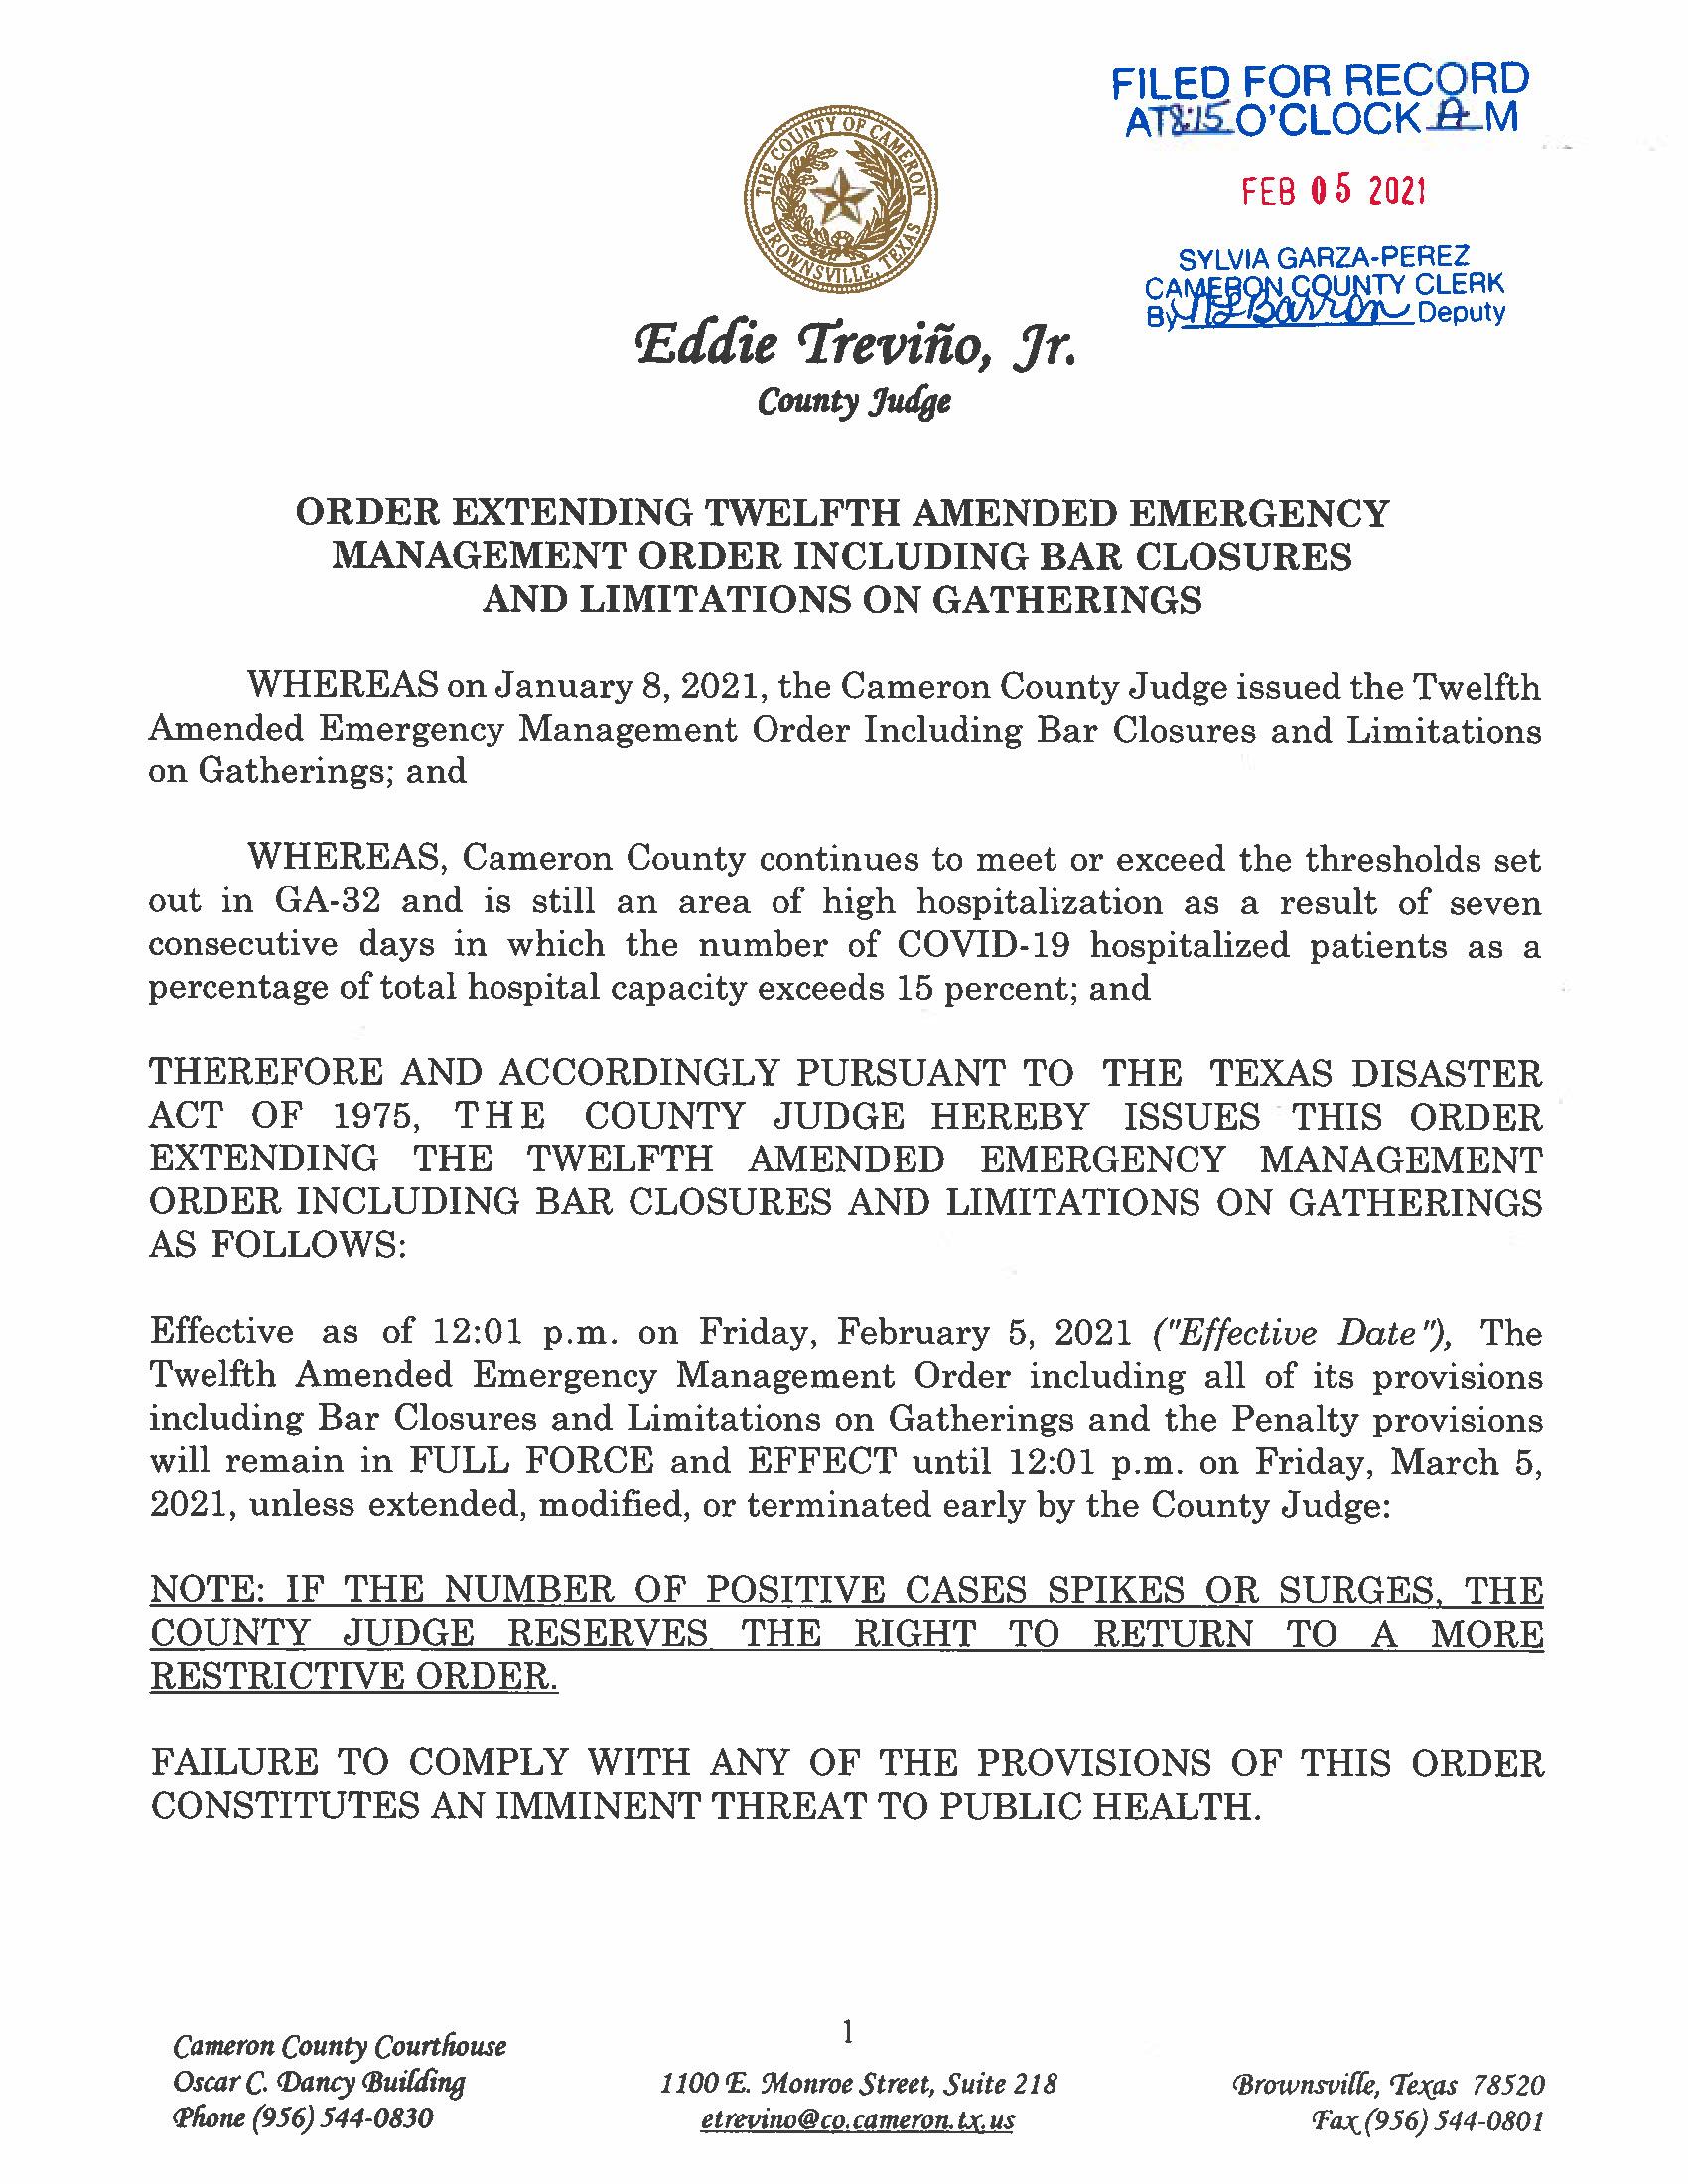 Order Extending Twelfth Amended Emergency Order